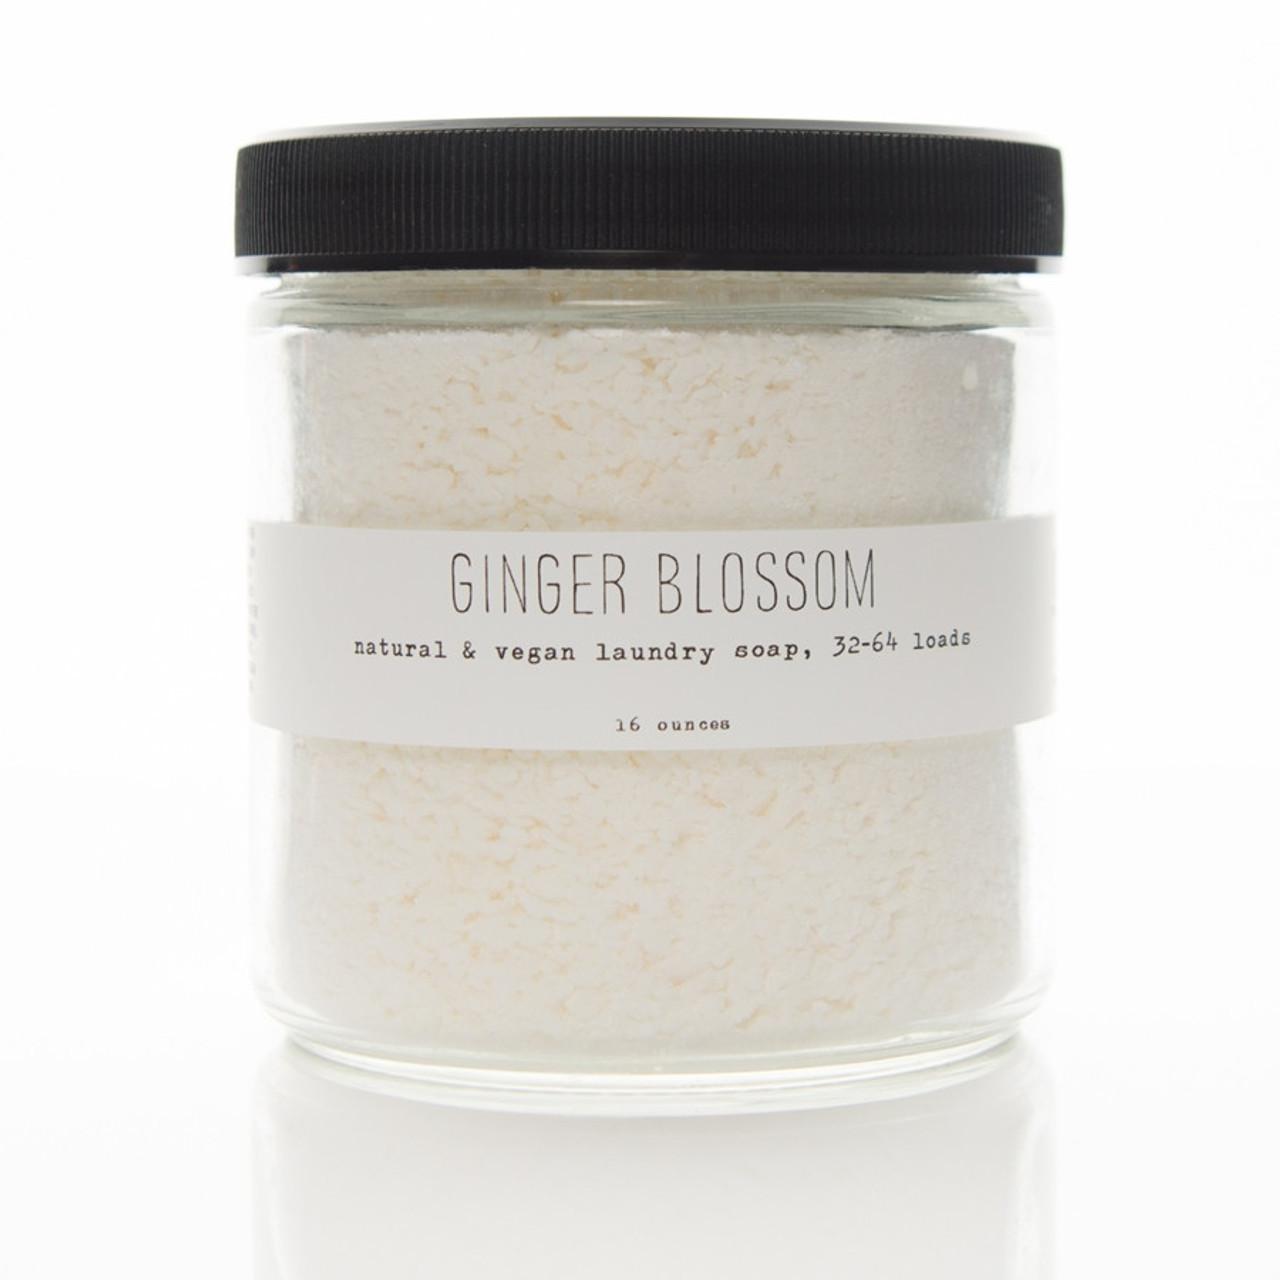 Ginger Blossom Laundry Soap